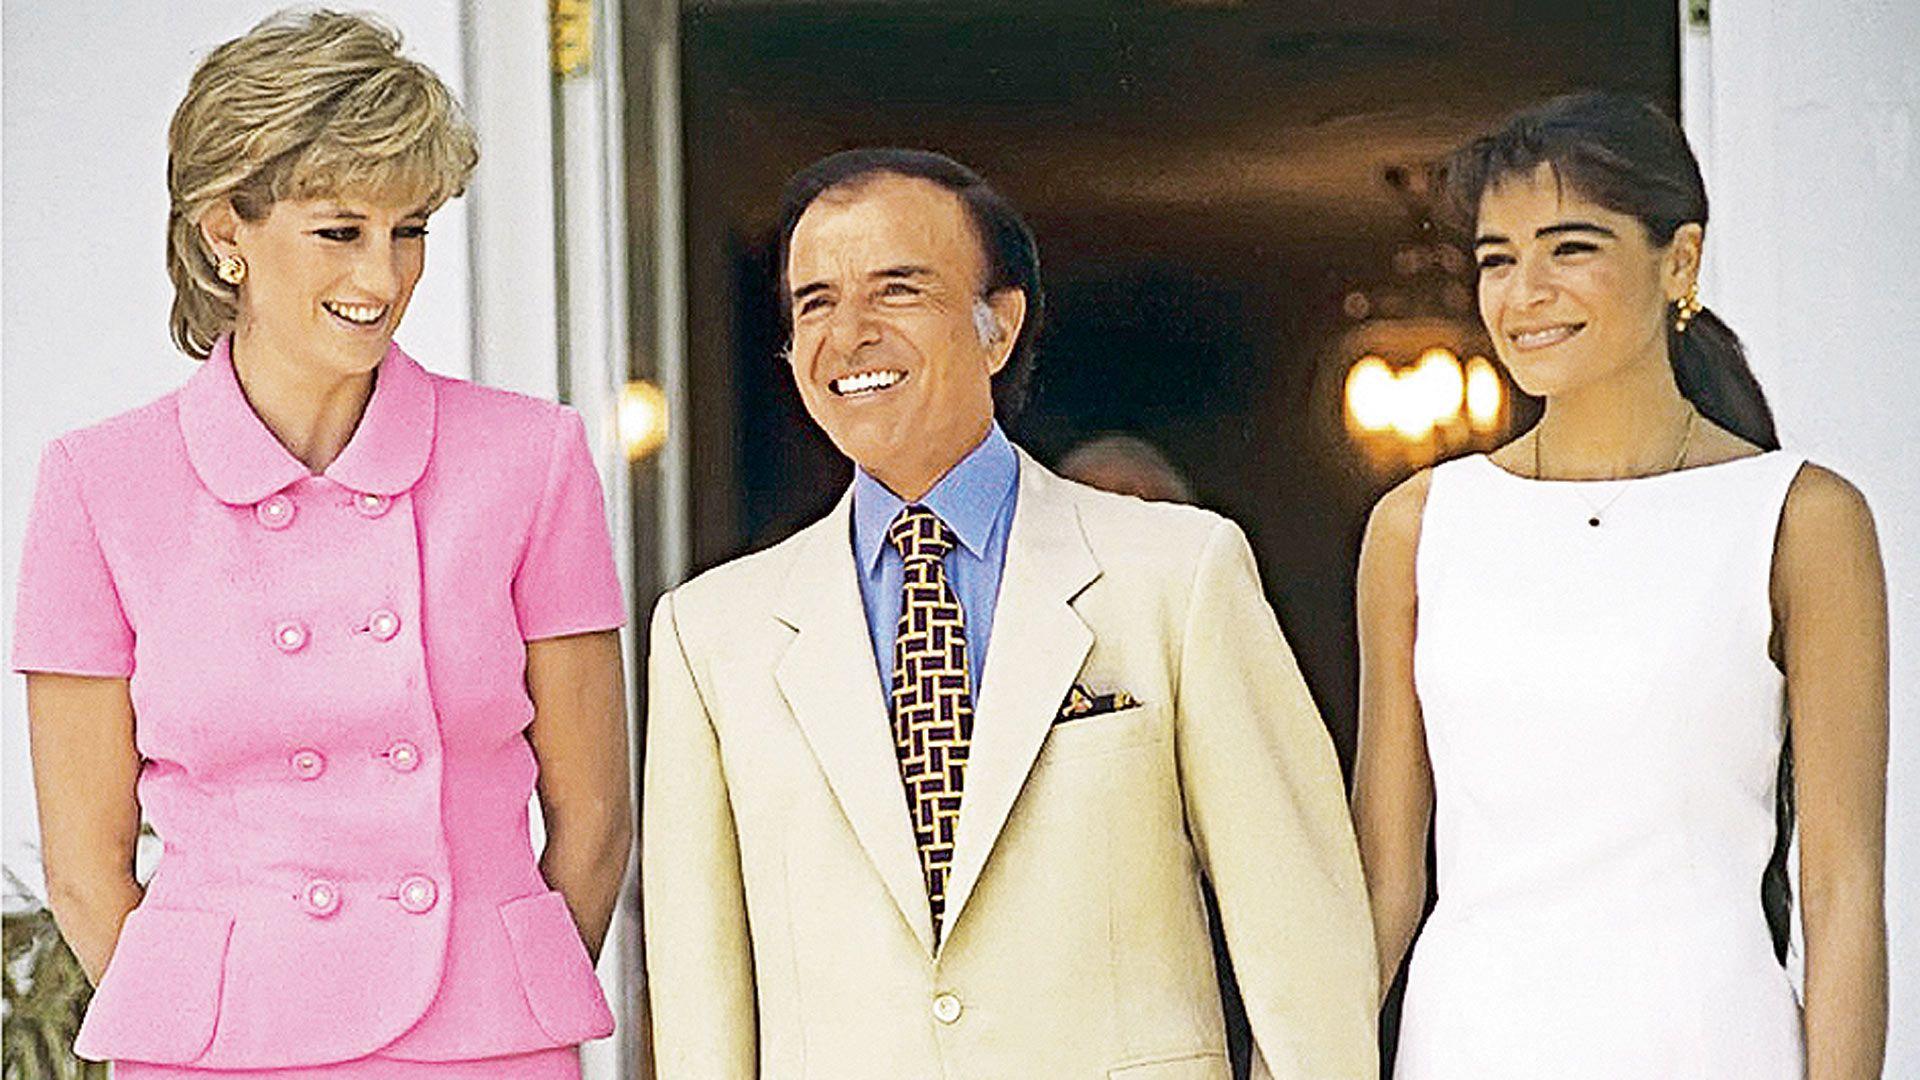 Noticias | El revival de Lady Di y cómo logró eludir a Carlos Menem